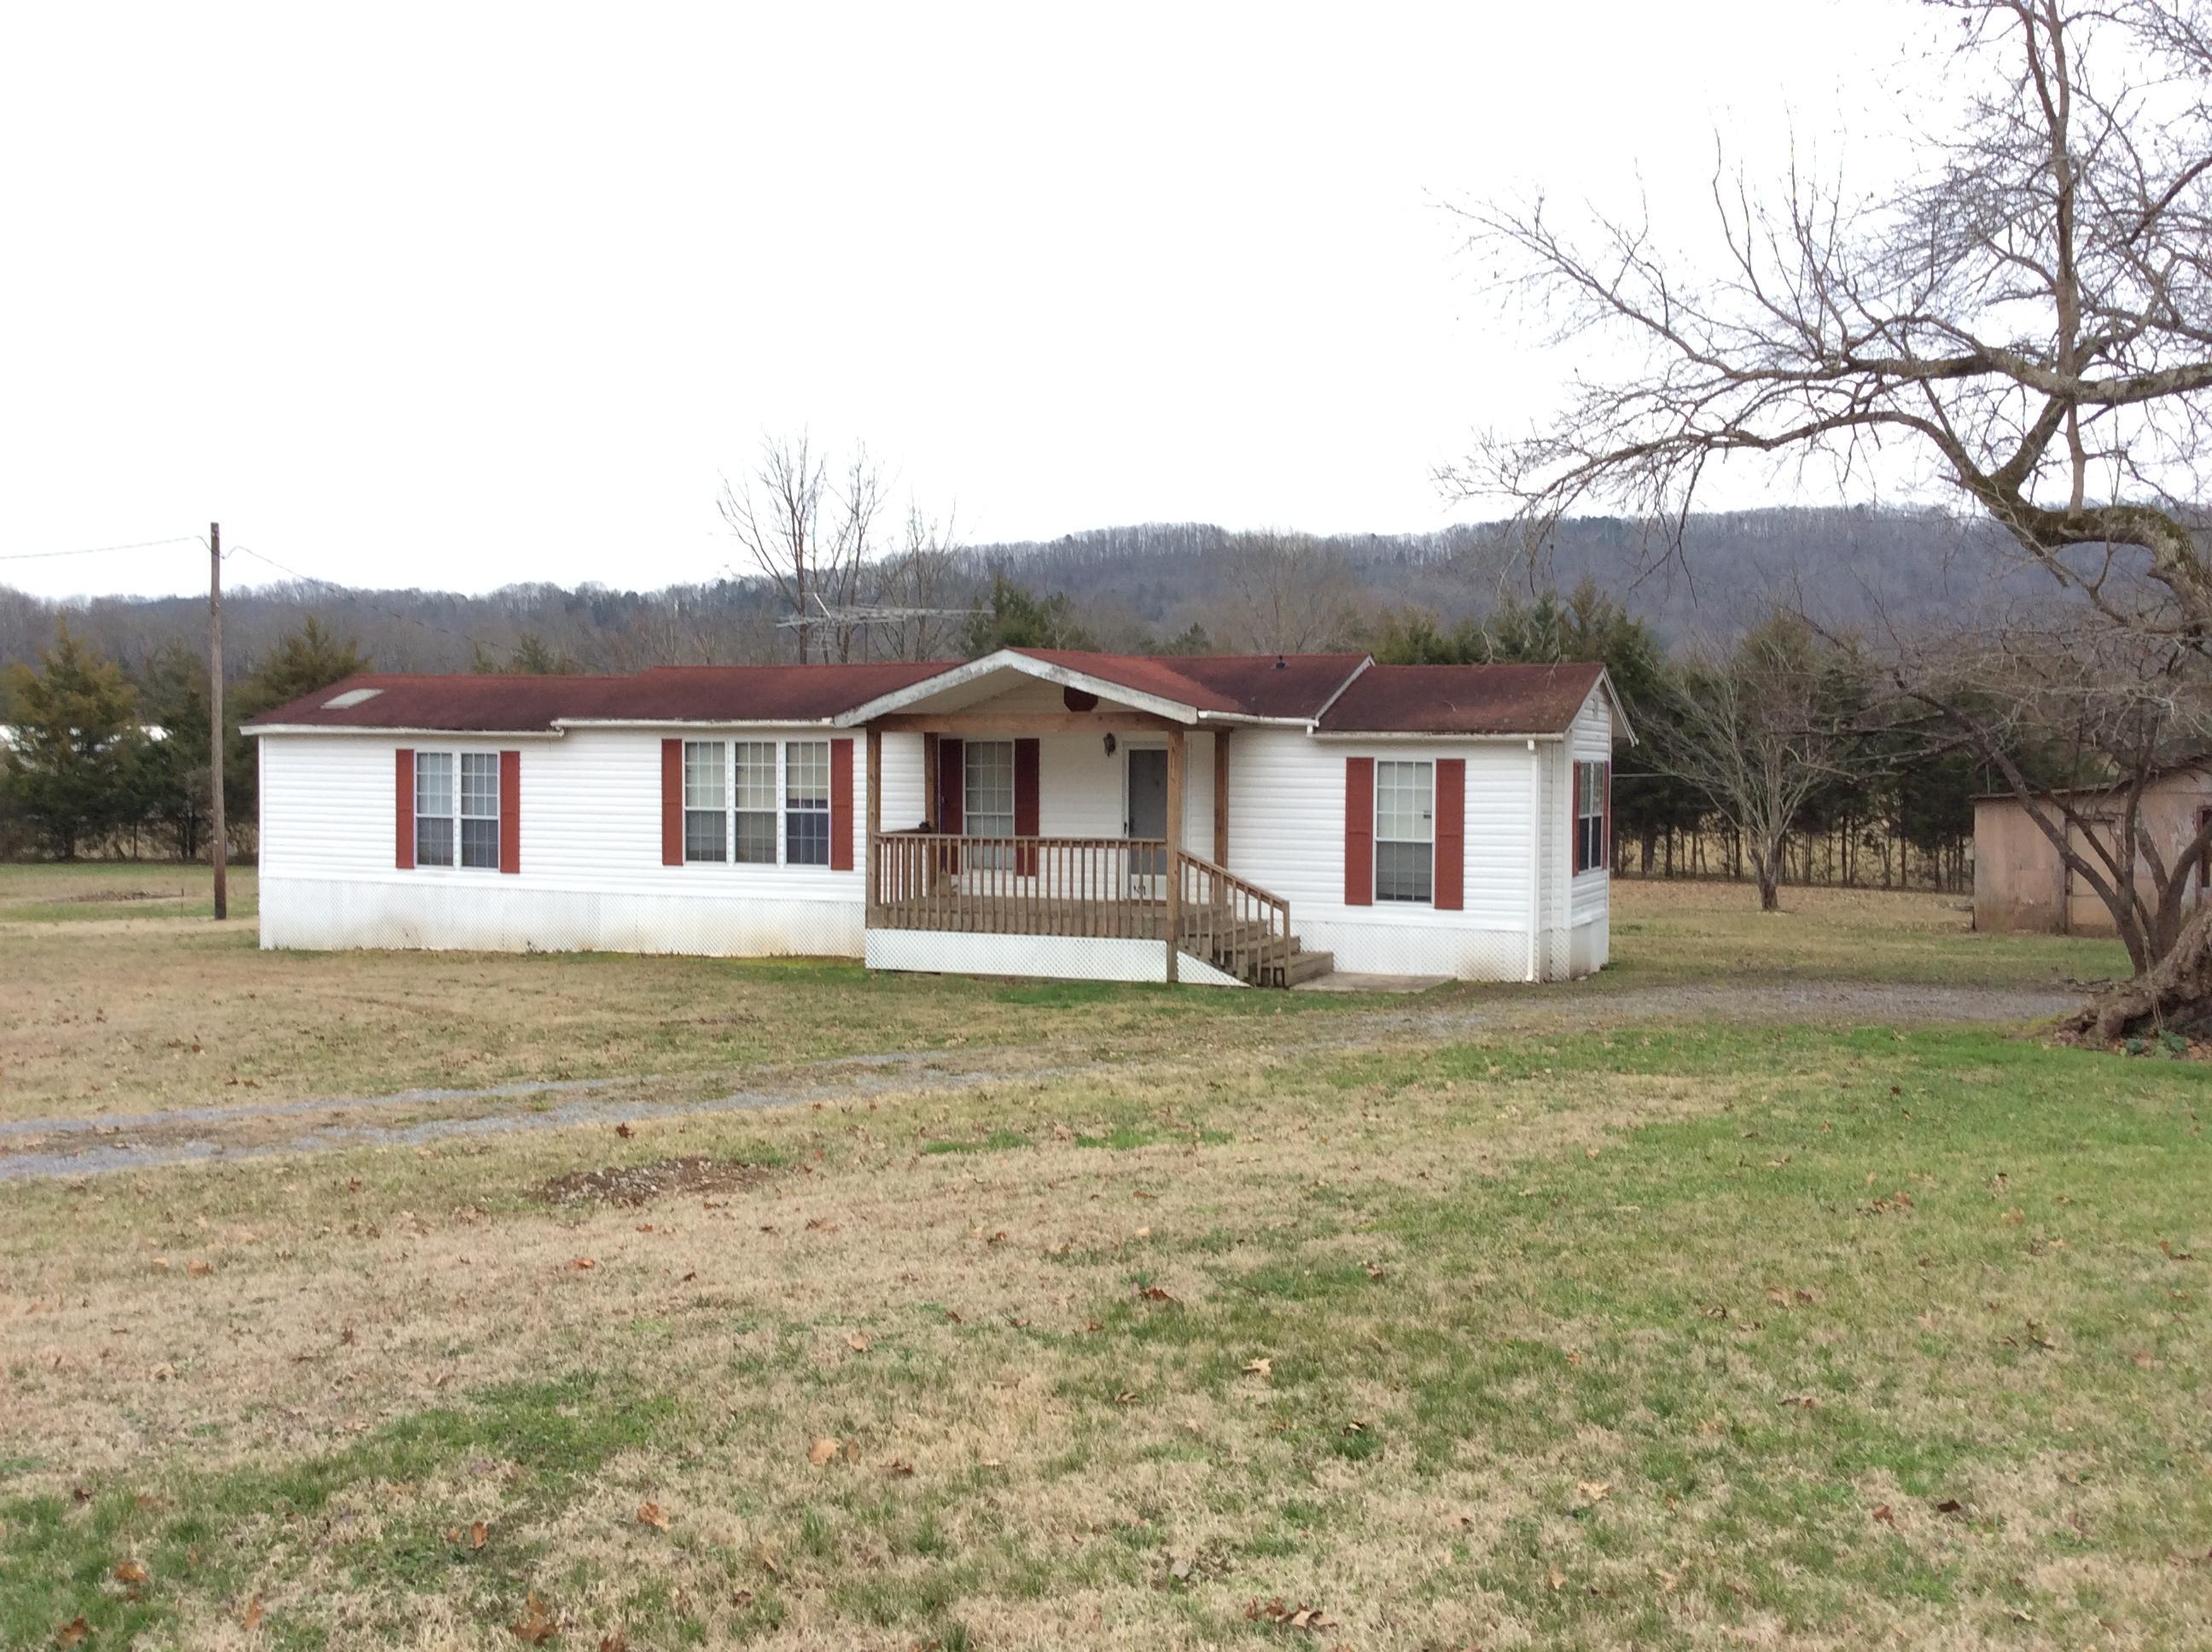 141 Edgemon Rd, Ten Mile, TN 37880